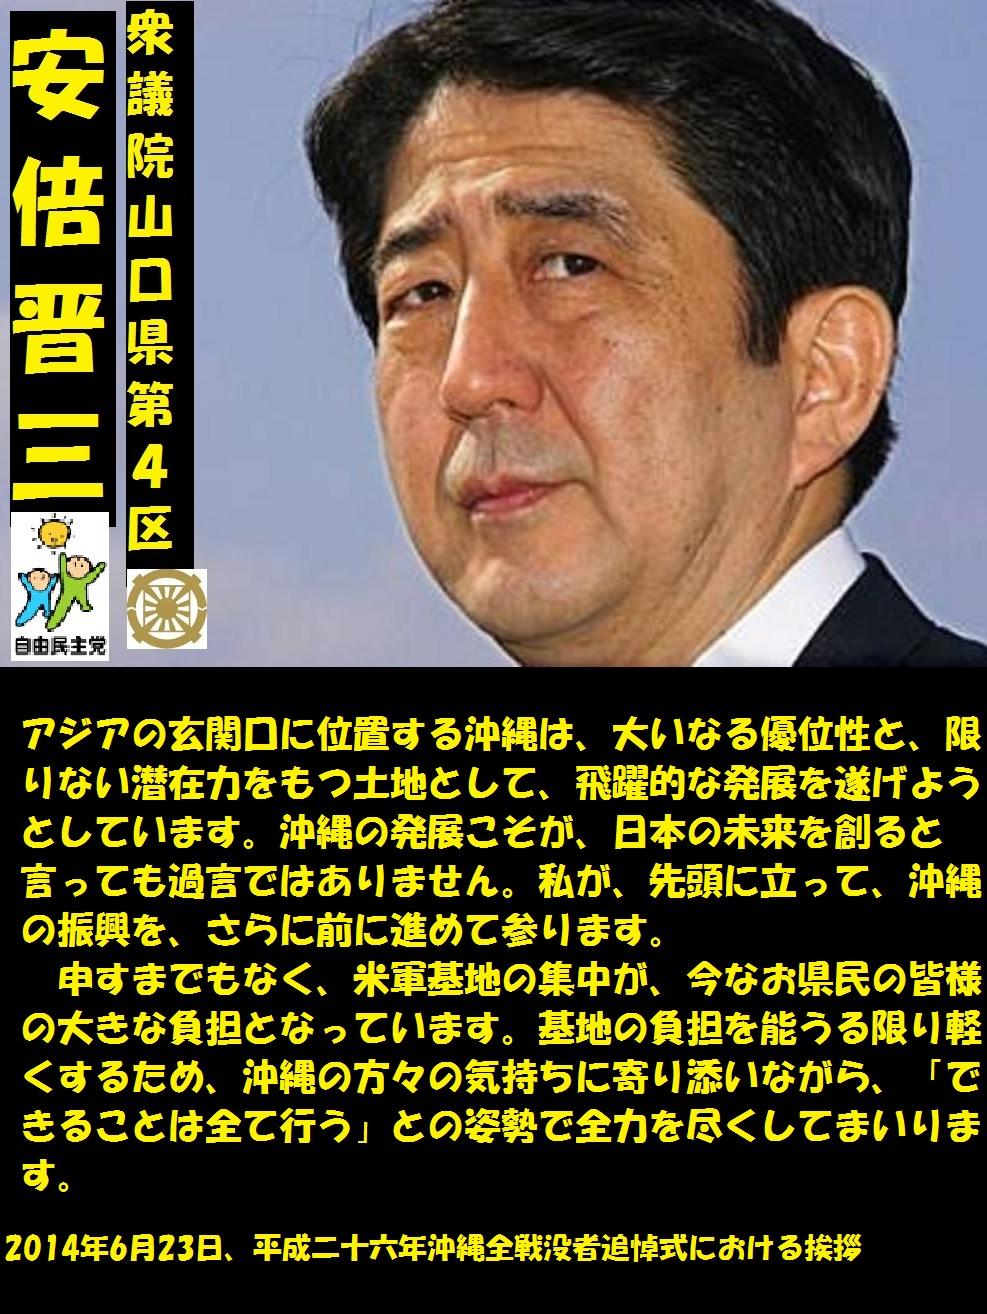 安倍晋三2014062410